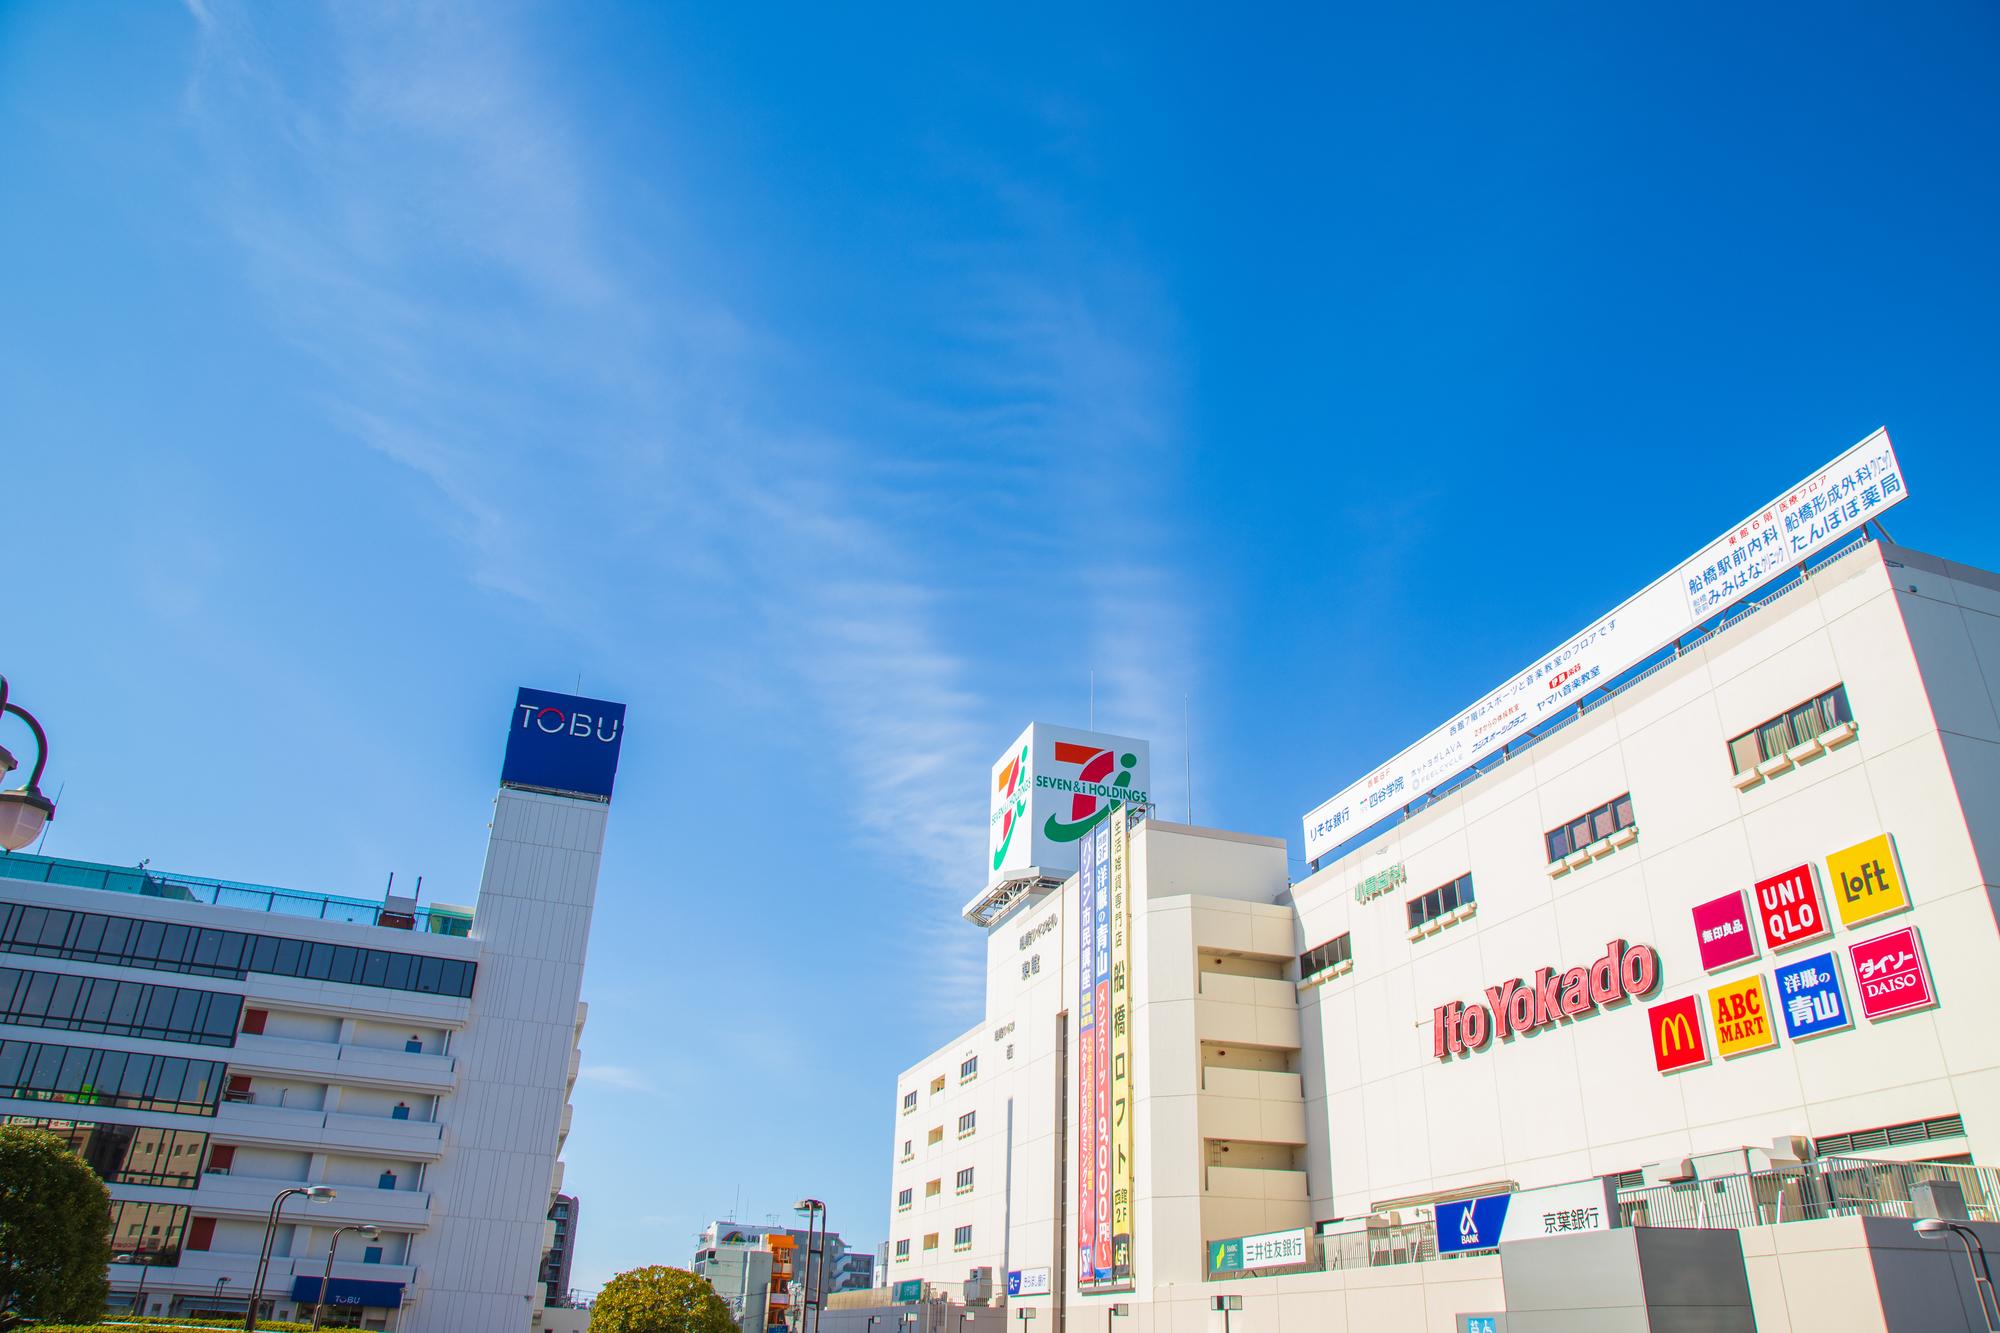 【船橋市編】子供も歓迎の歯医者さん8院!おすすめポイントも紹介